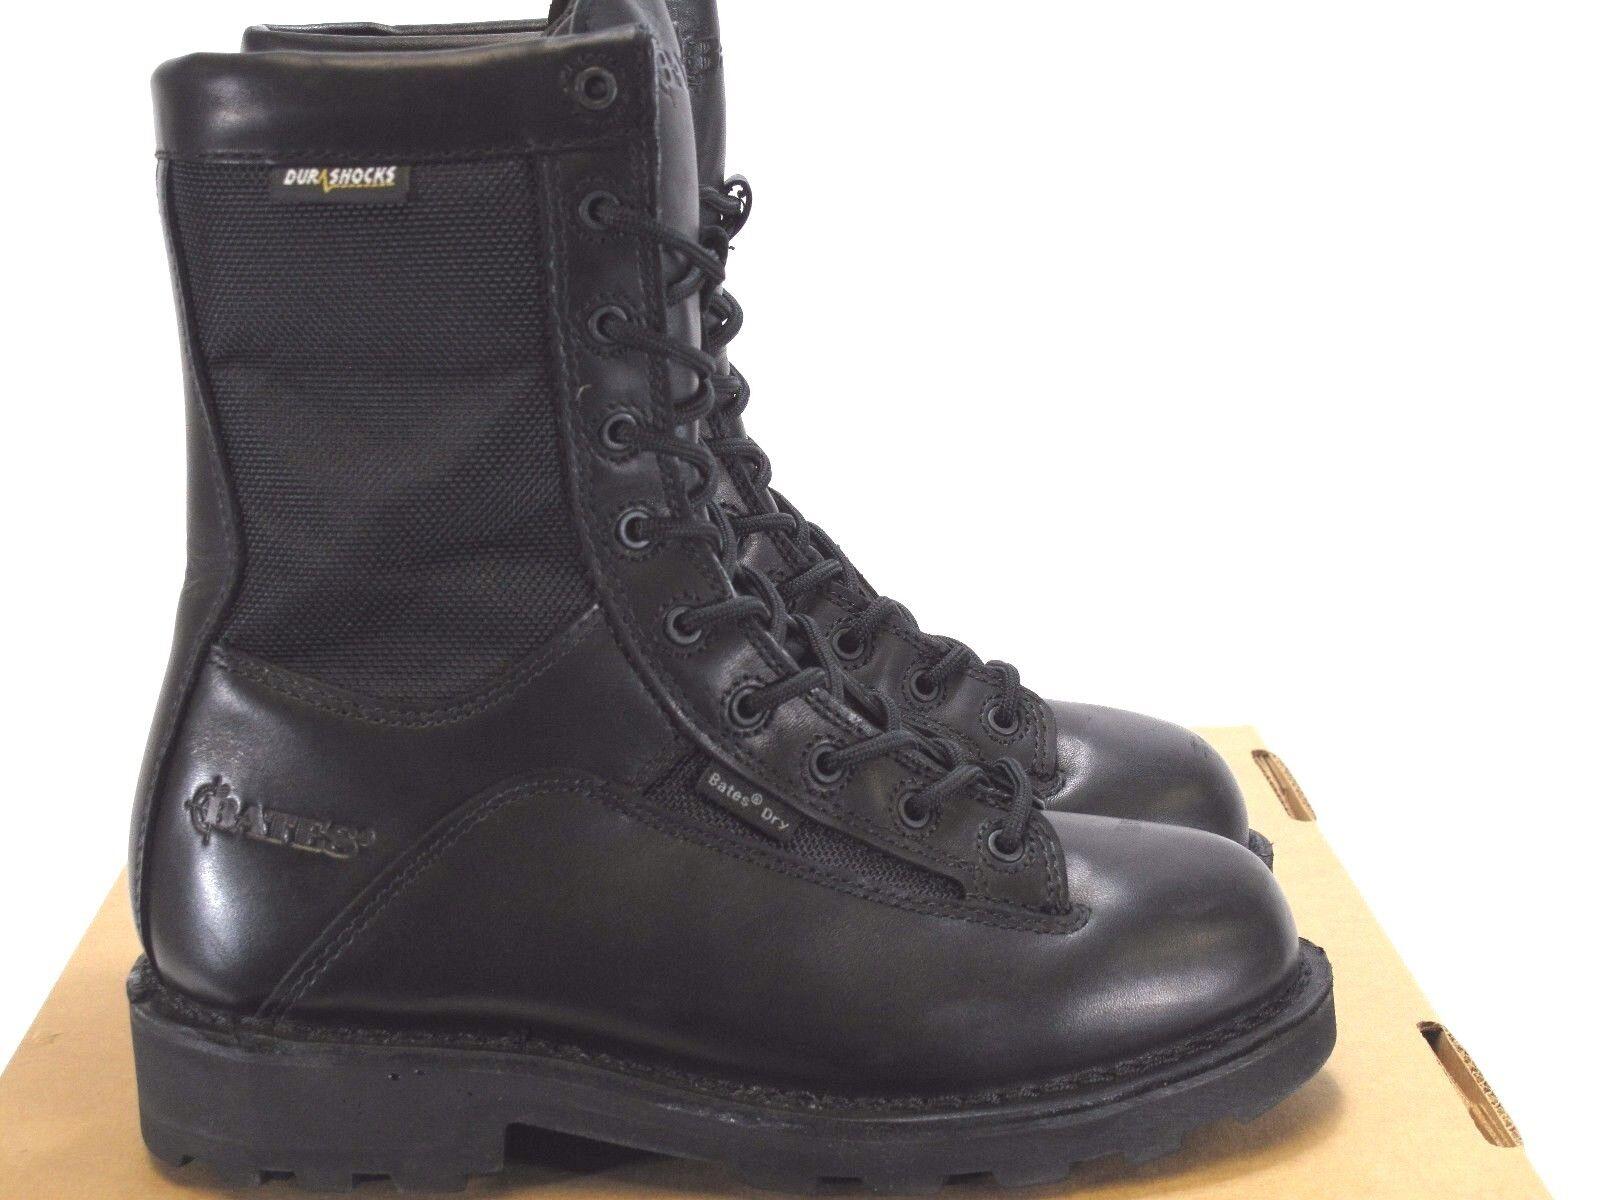 nuevo  BATES para hombre 3135 DURASHOCK Gore-Tex Bota Negro cuero nailon tamaño 6 M